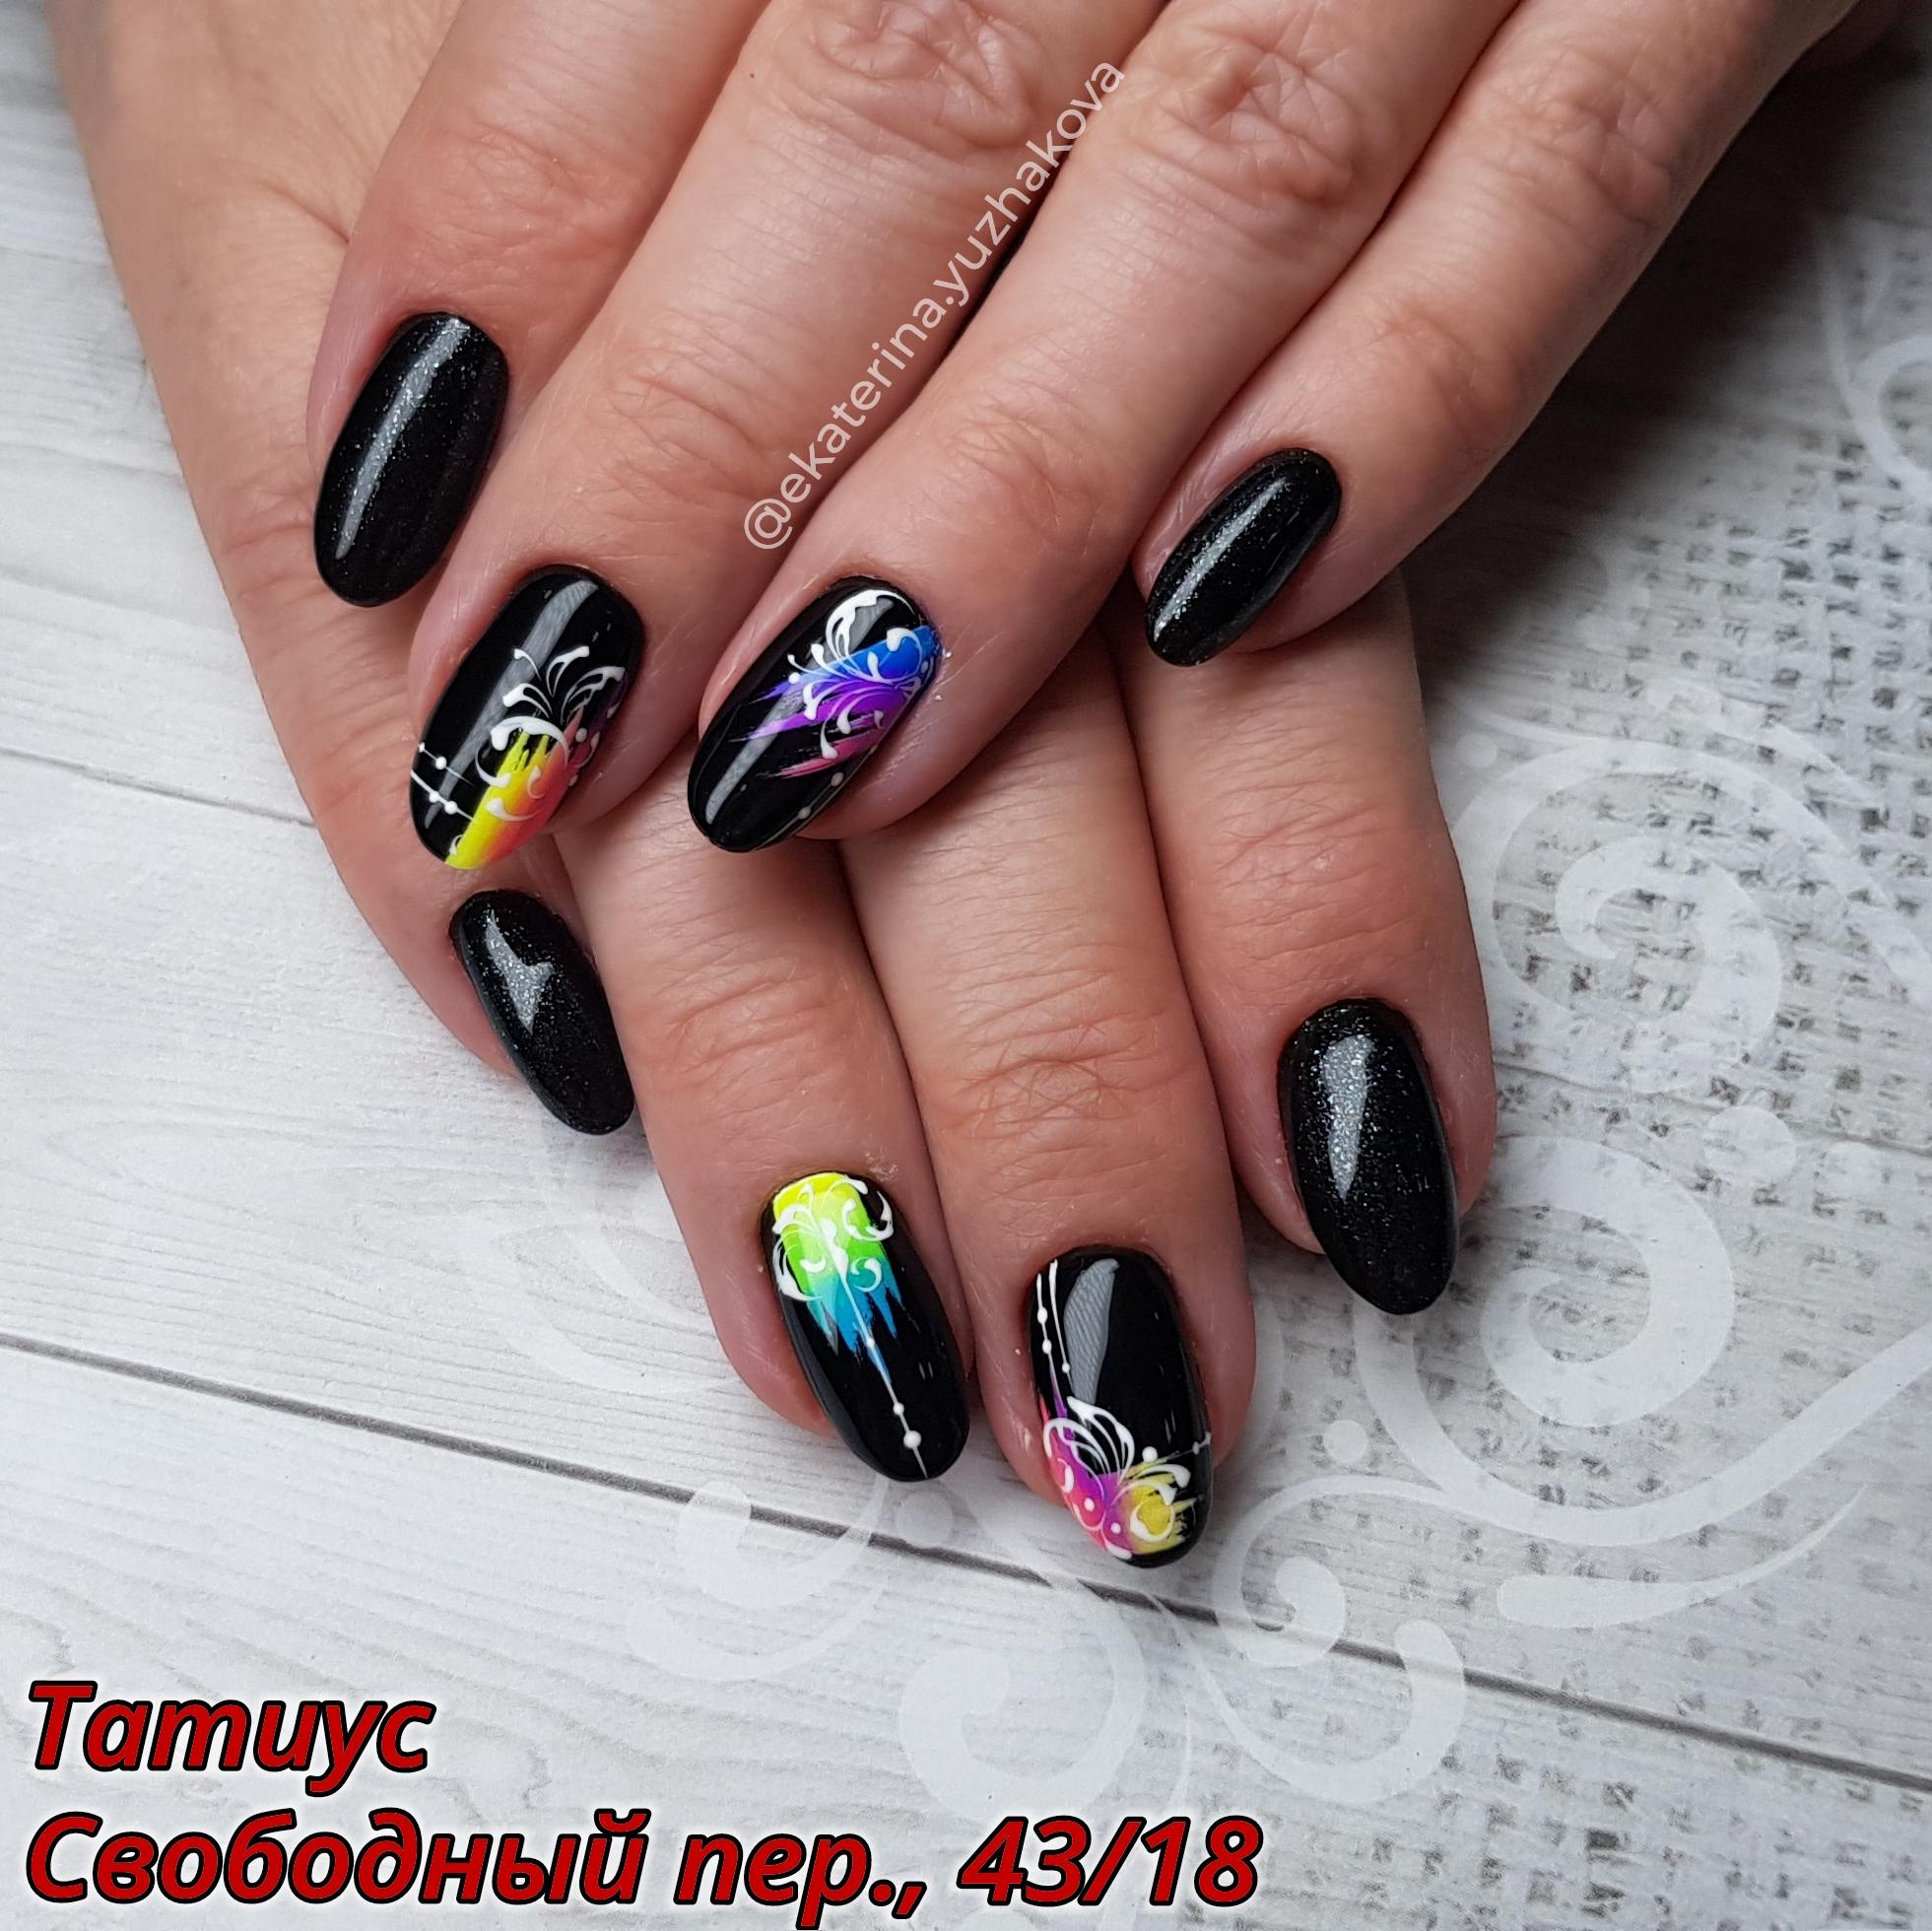 Маникюр с цветными рисунками в черном цвете.